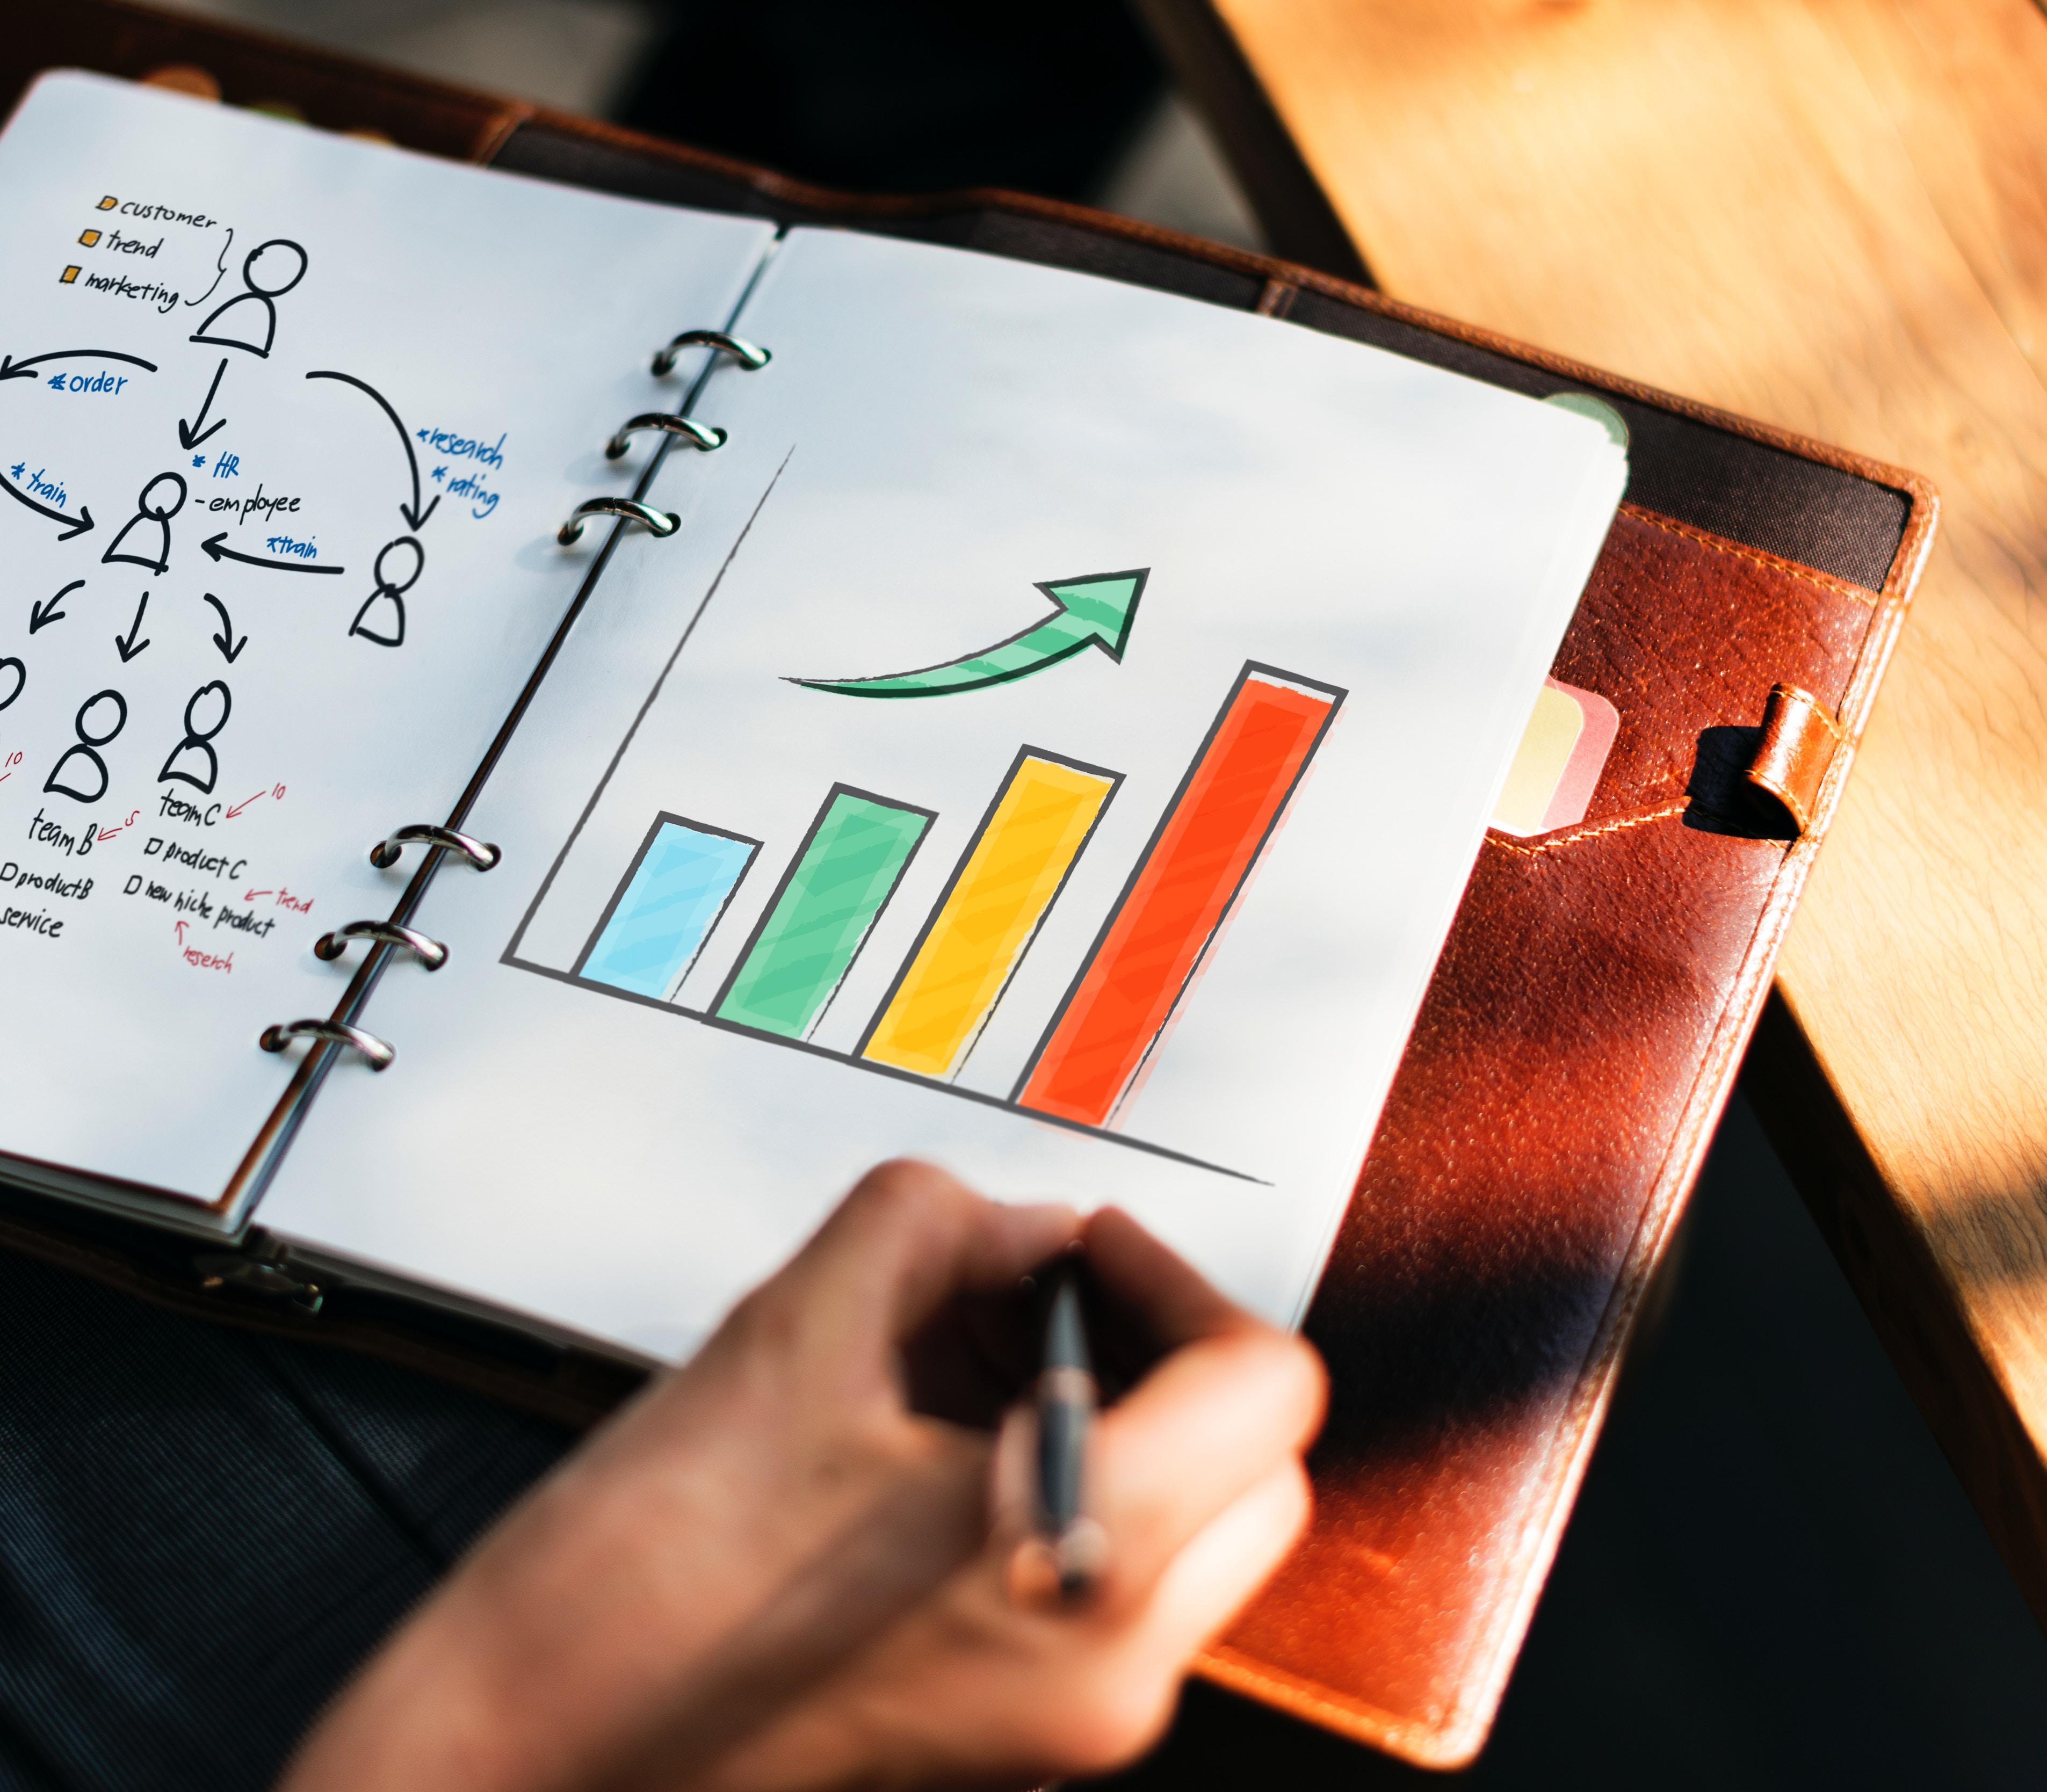 Estrategia de captación de leads en un entorno B2B